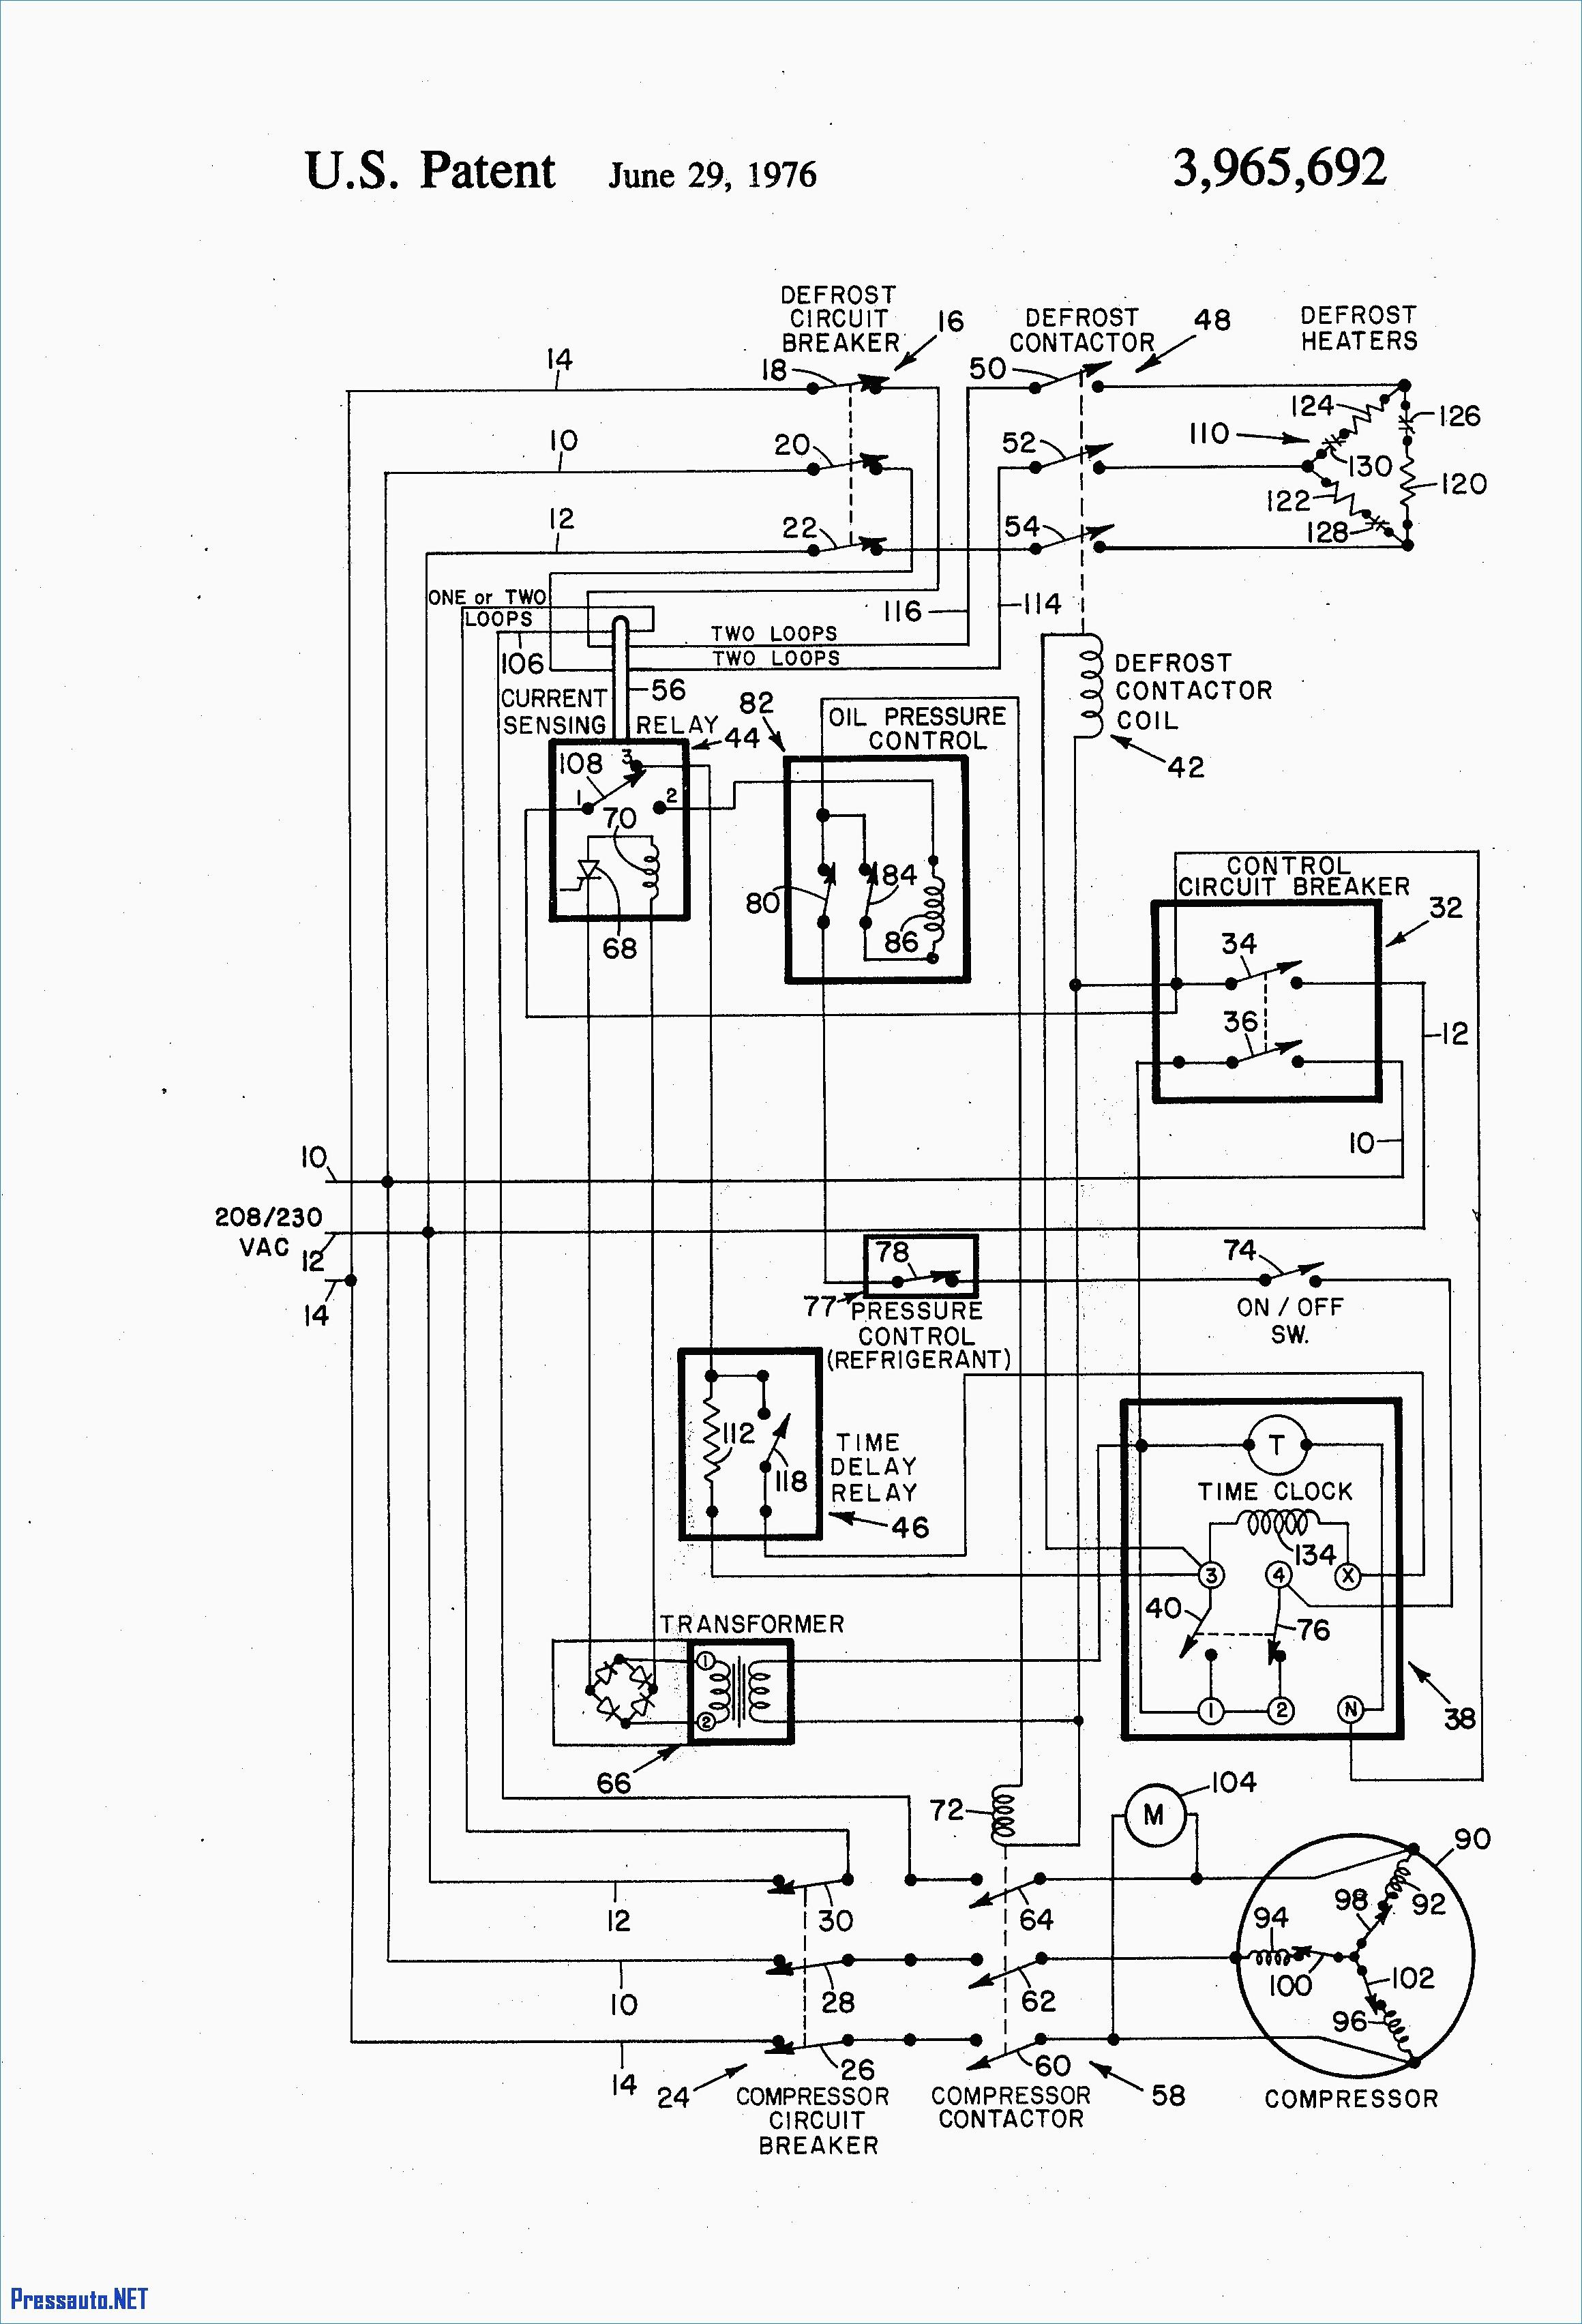 vfd motor wiring diagram Download-lenze inverter wiring diagram new eaton vfd wiring diagram wiring rh sandaoil co VFD Bypass Schematic 15-a